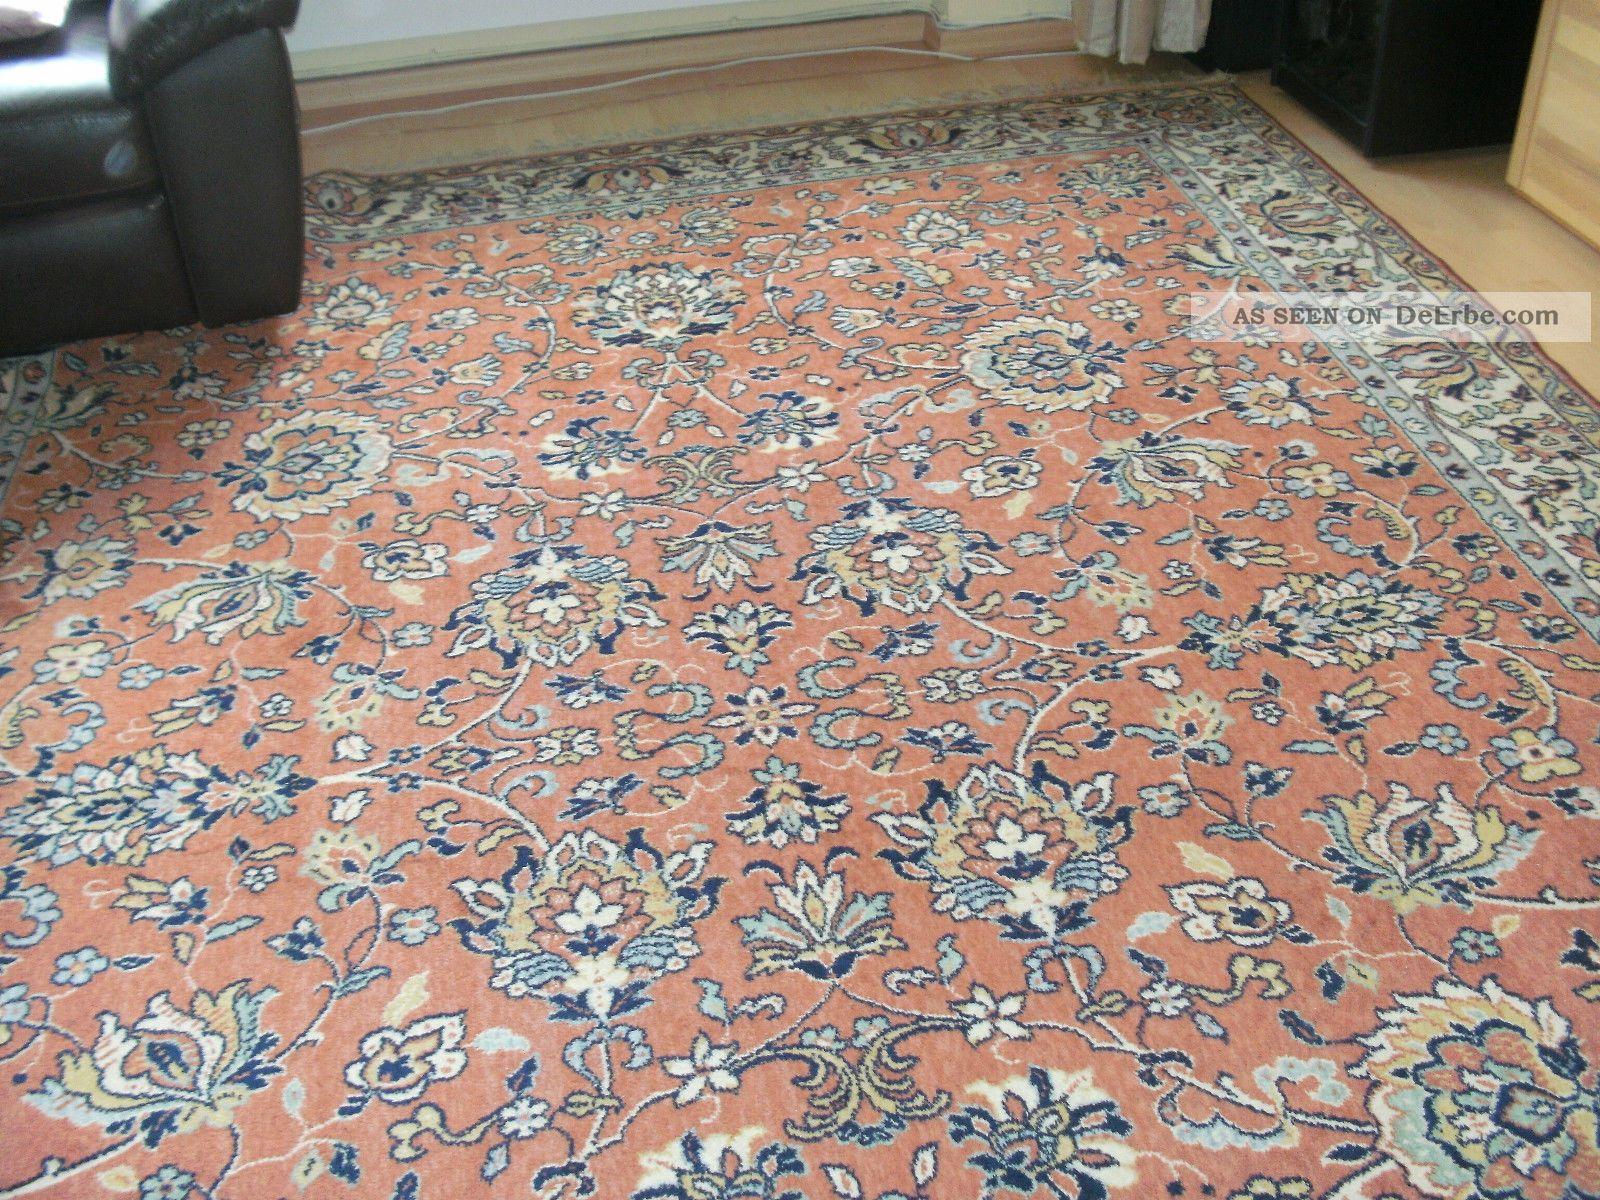 schurwolle orient teppich kronenteppich senneh rostt ne 2 50 m x 3 50 m. Black Bedroom Furniture Sets. Home Design Ideas